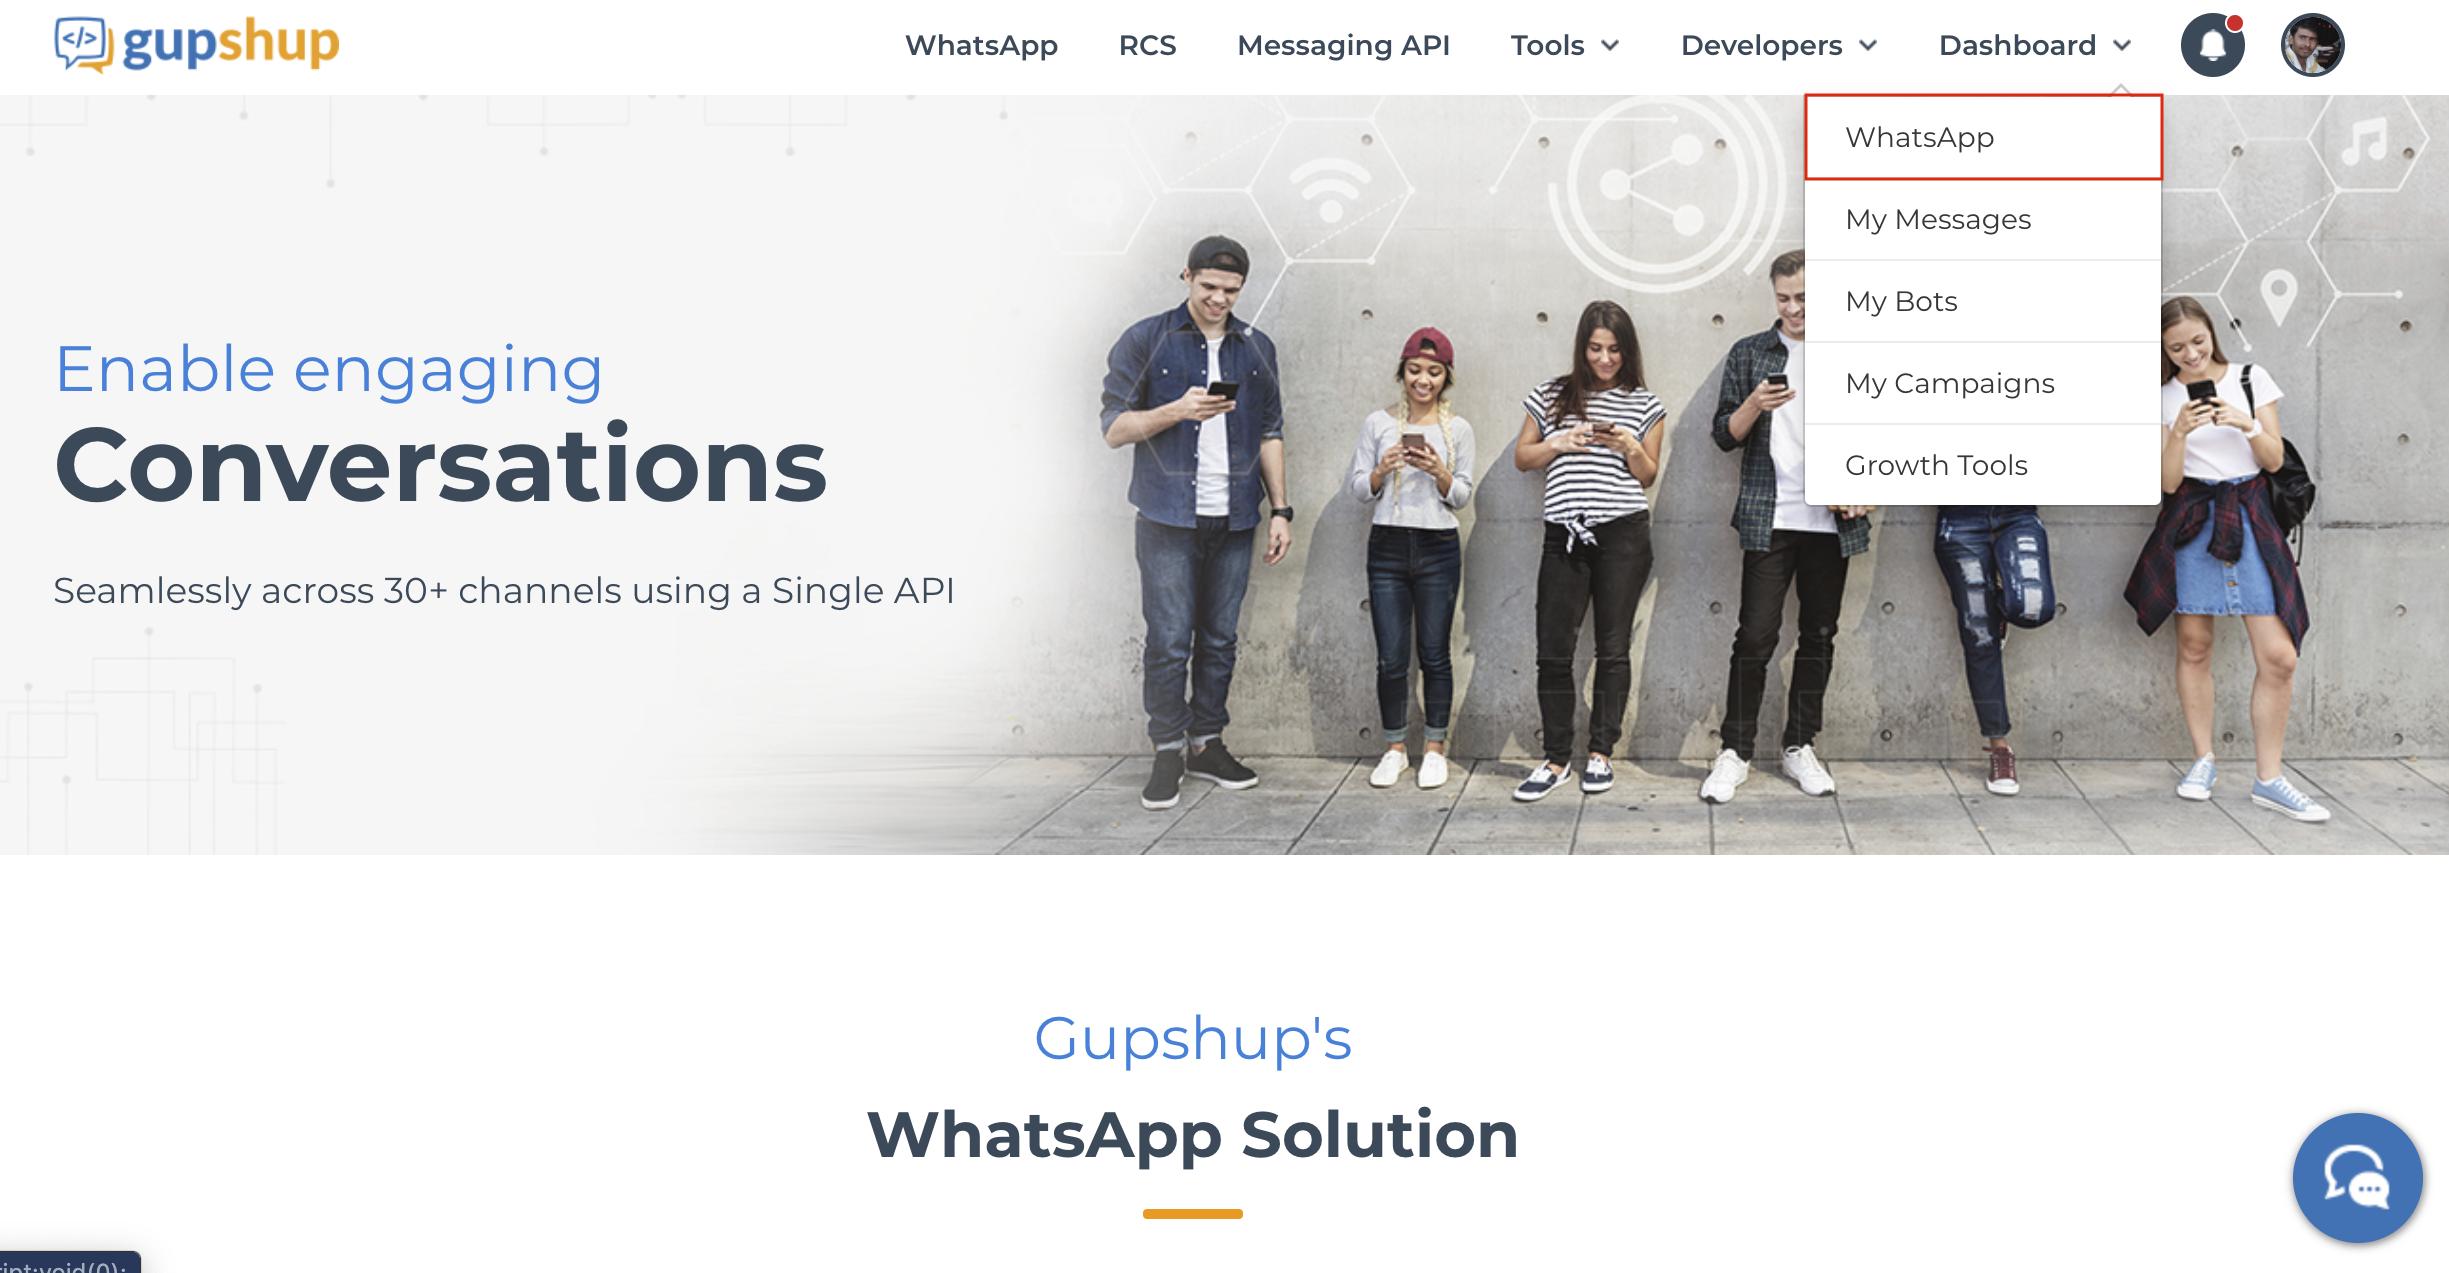 whatsapp_by_gupshup